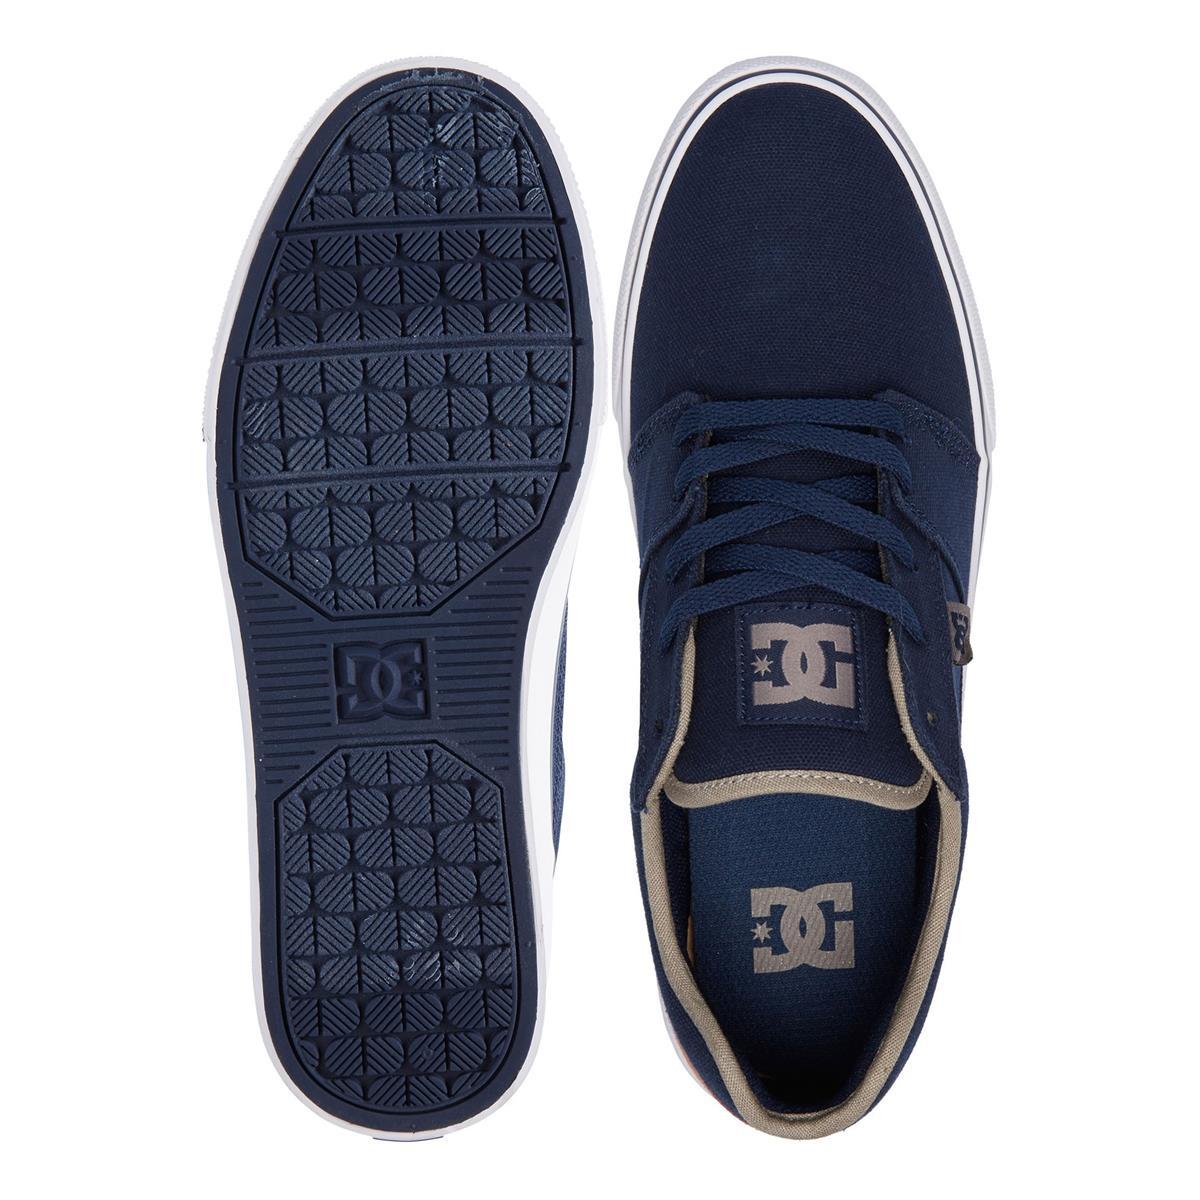 Monsieur Madame Dc Chaussures tonics TX TX TX Night Shade Pratique et économique délicat Chaussures légères 25ffca